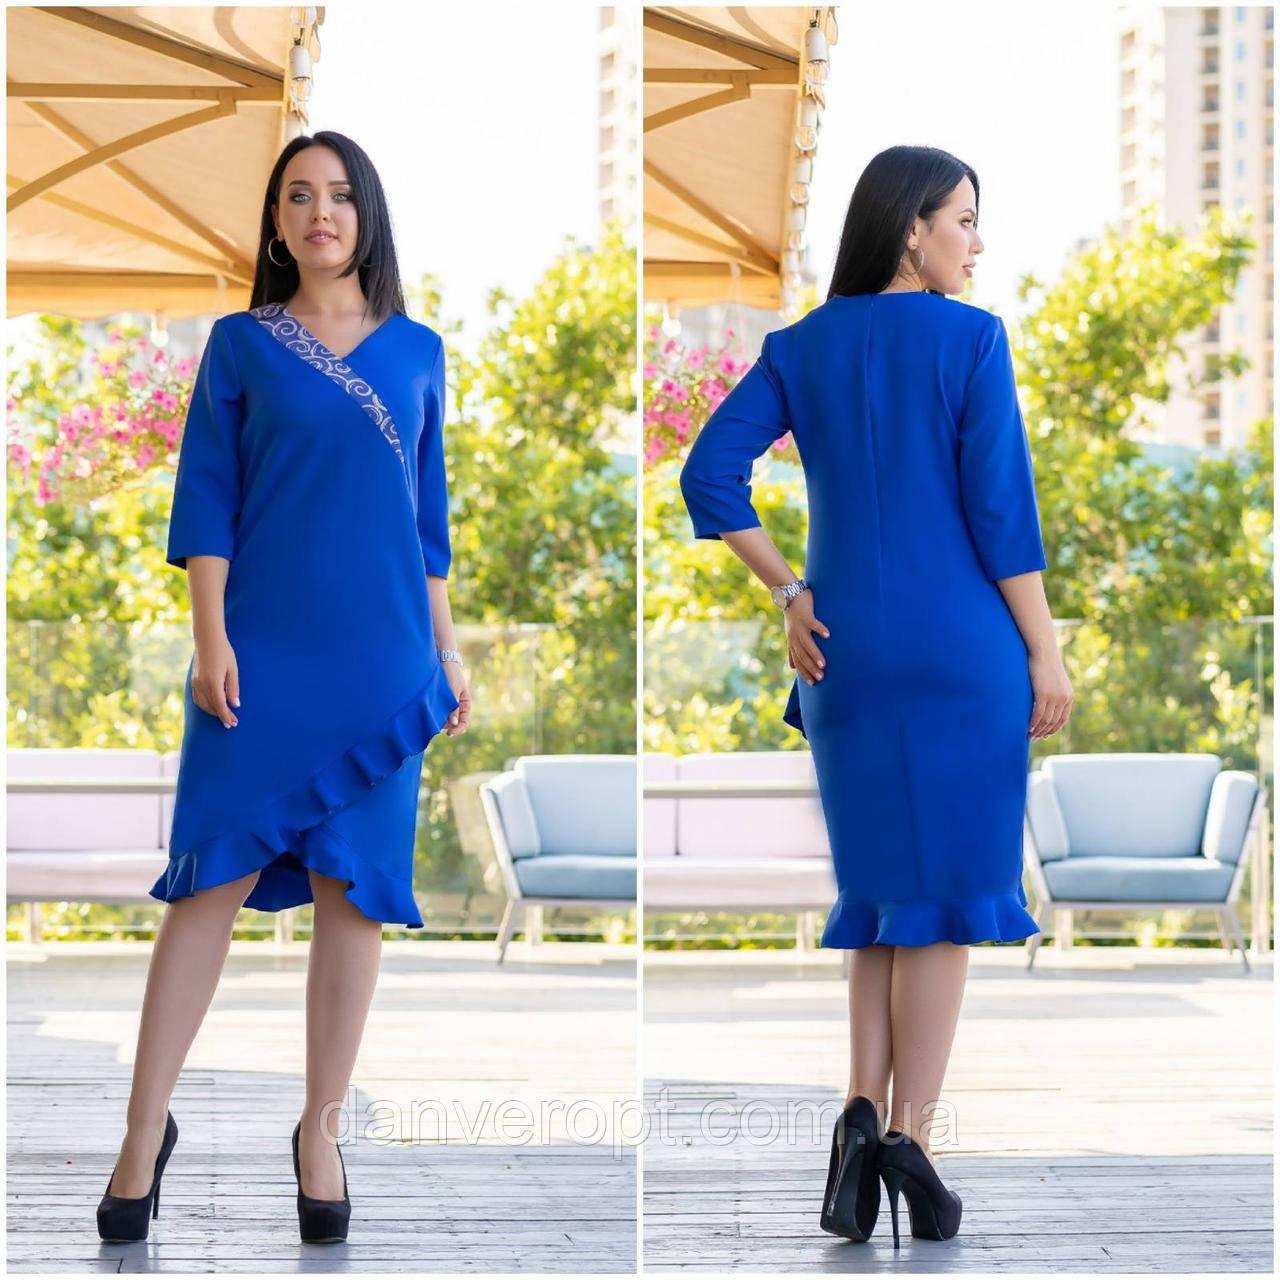 Платье женское стильное с оборками размер 48-54 купить оптом со склада 7км Одесса